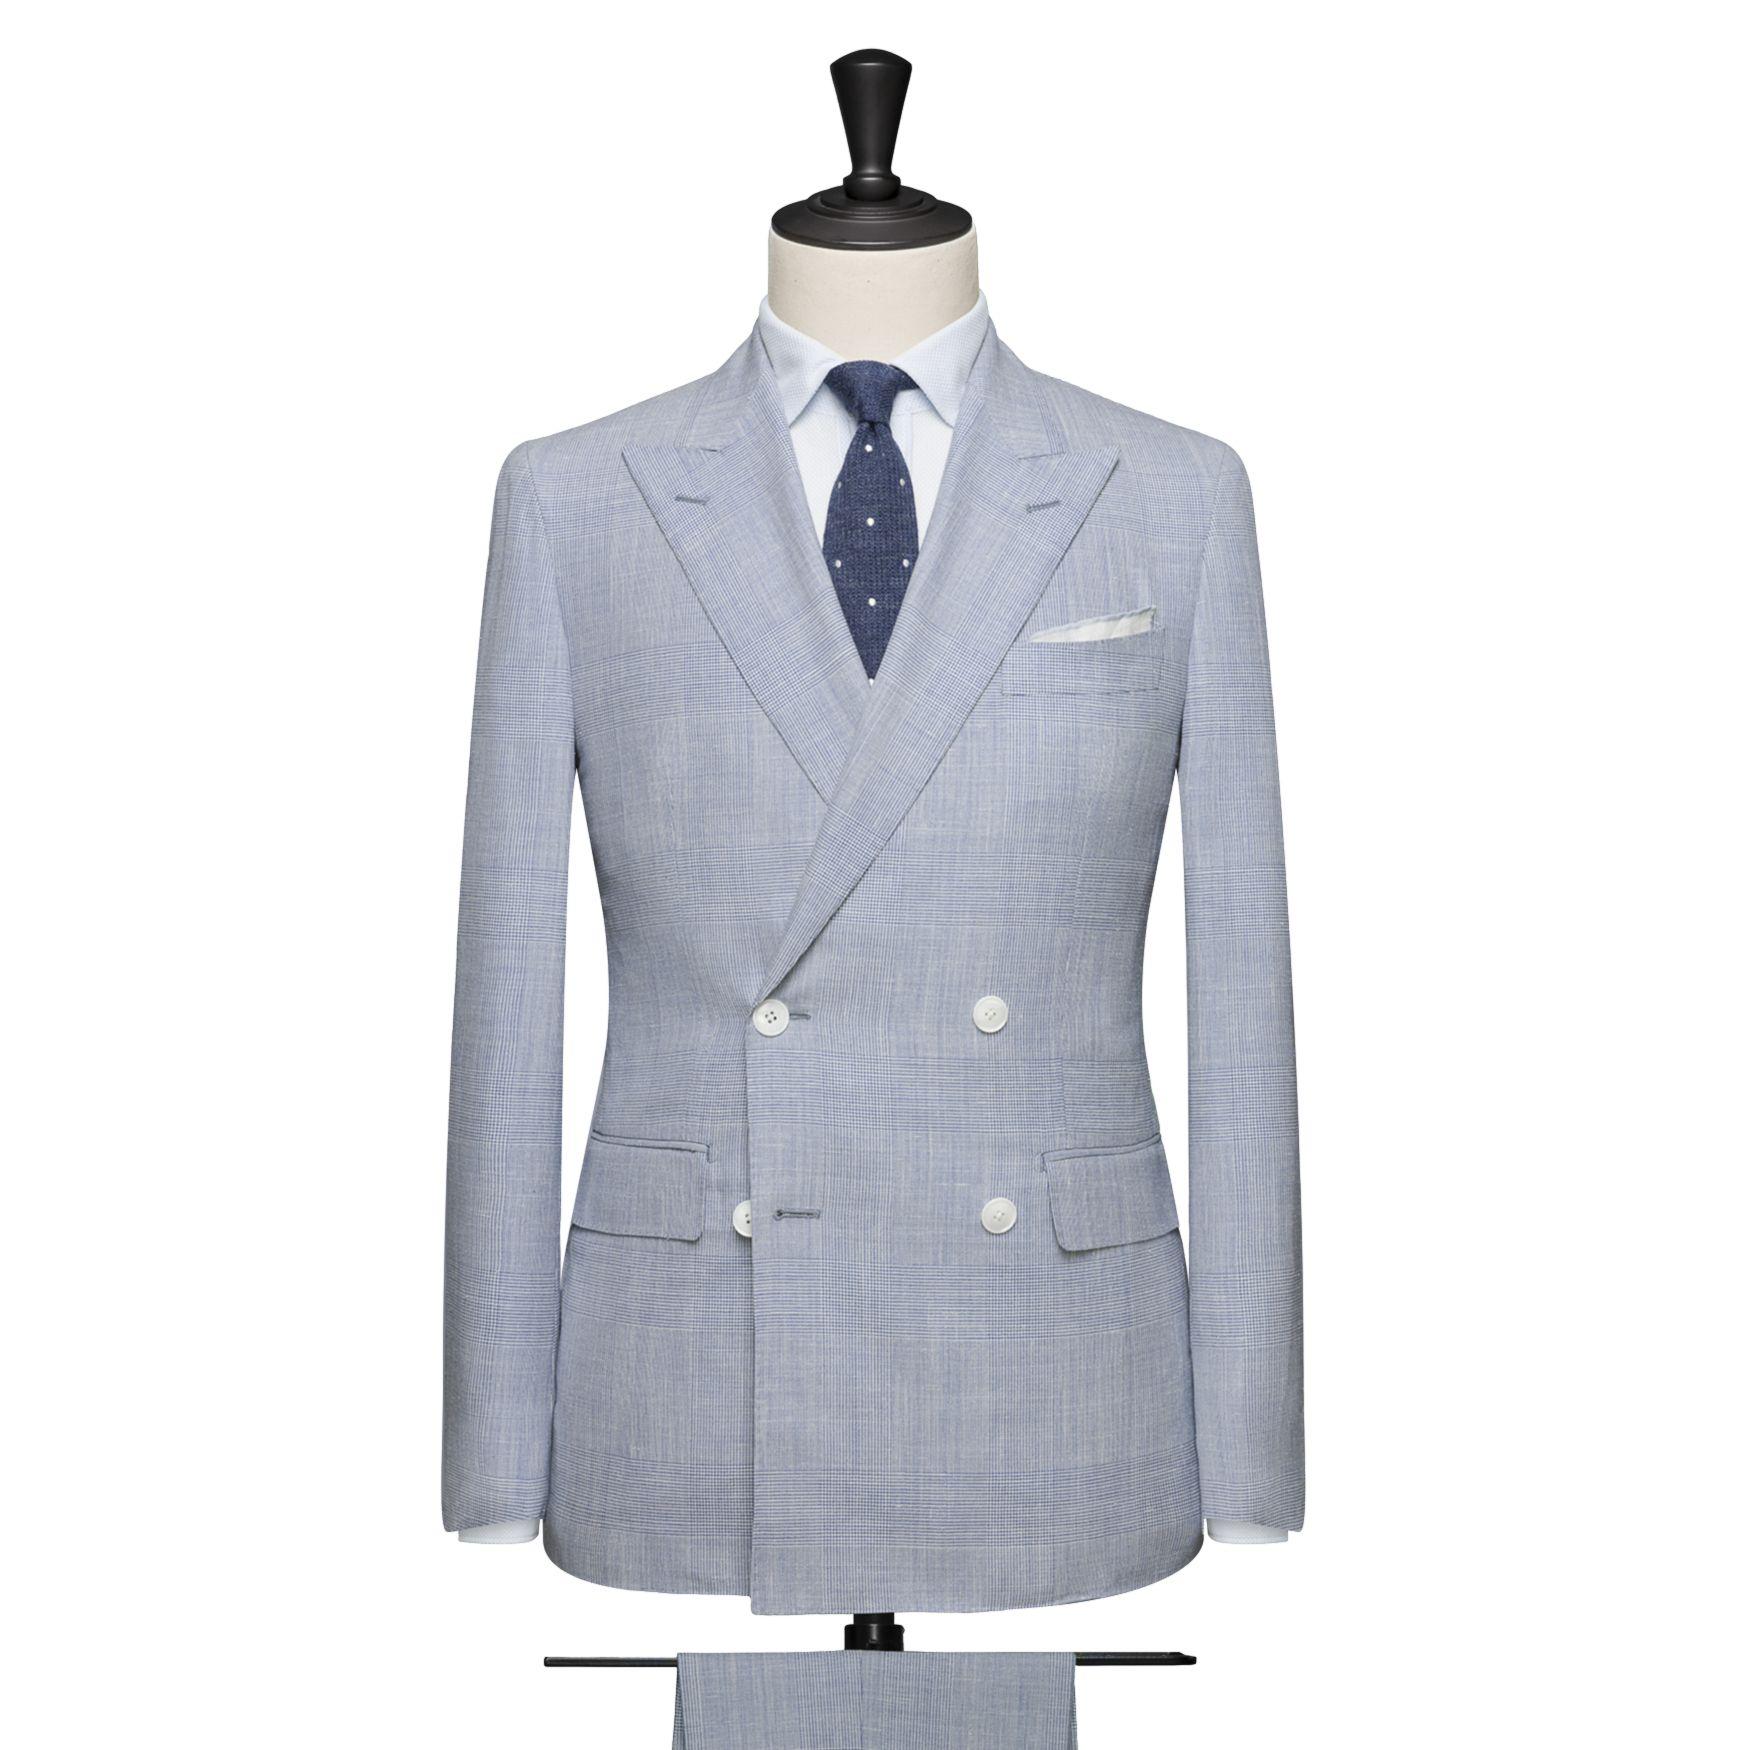 Costume croisé double boutonnière, tissu Fil à Fil - Bleu glacier (Printemps-Été)